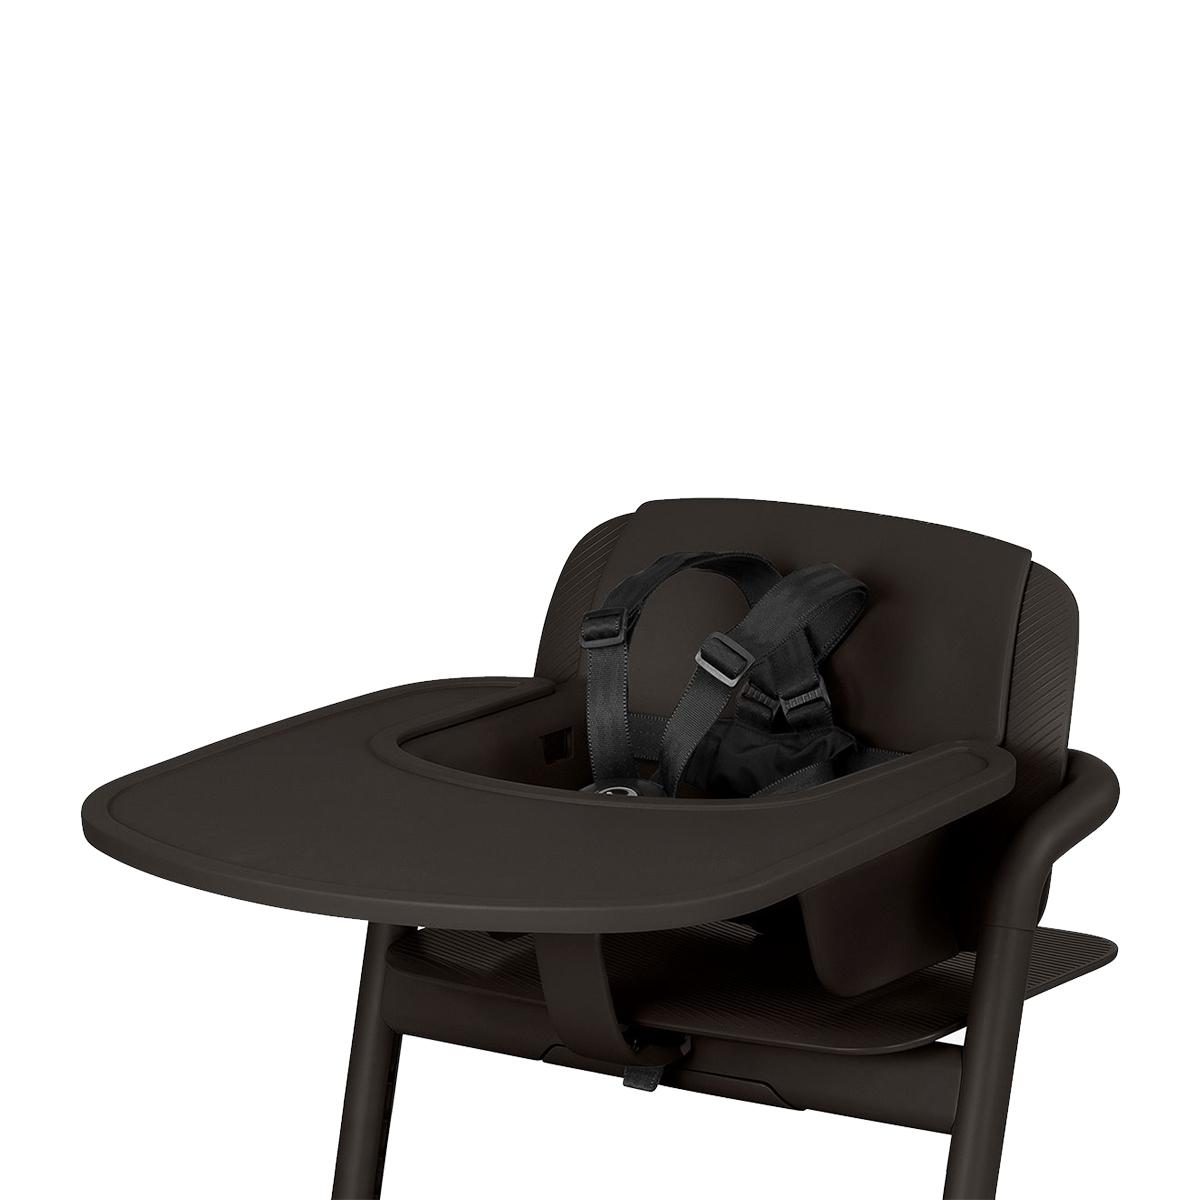 Chaise haute Plateau pour Chaise Haute Lemo - Infinity Black